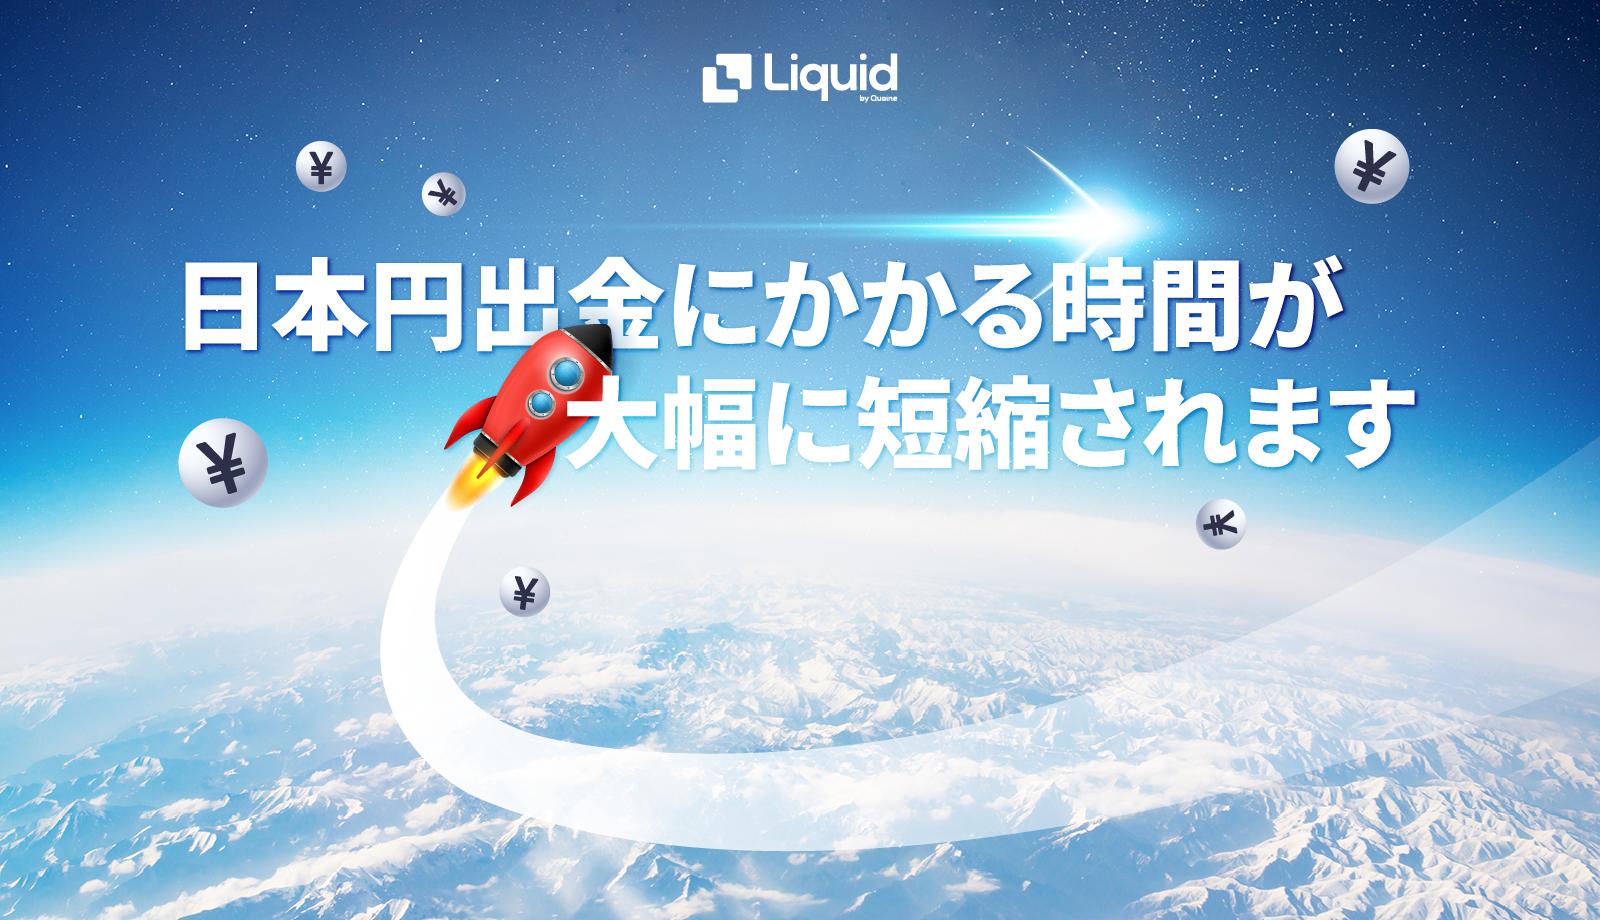 Liquid by Quoineは国内取引所において最速の日本円出金サービスを開始しました(2021年7月28日時点当社調べ)